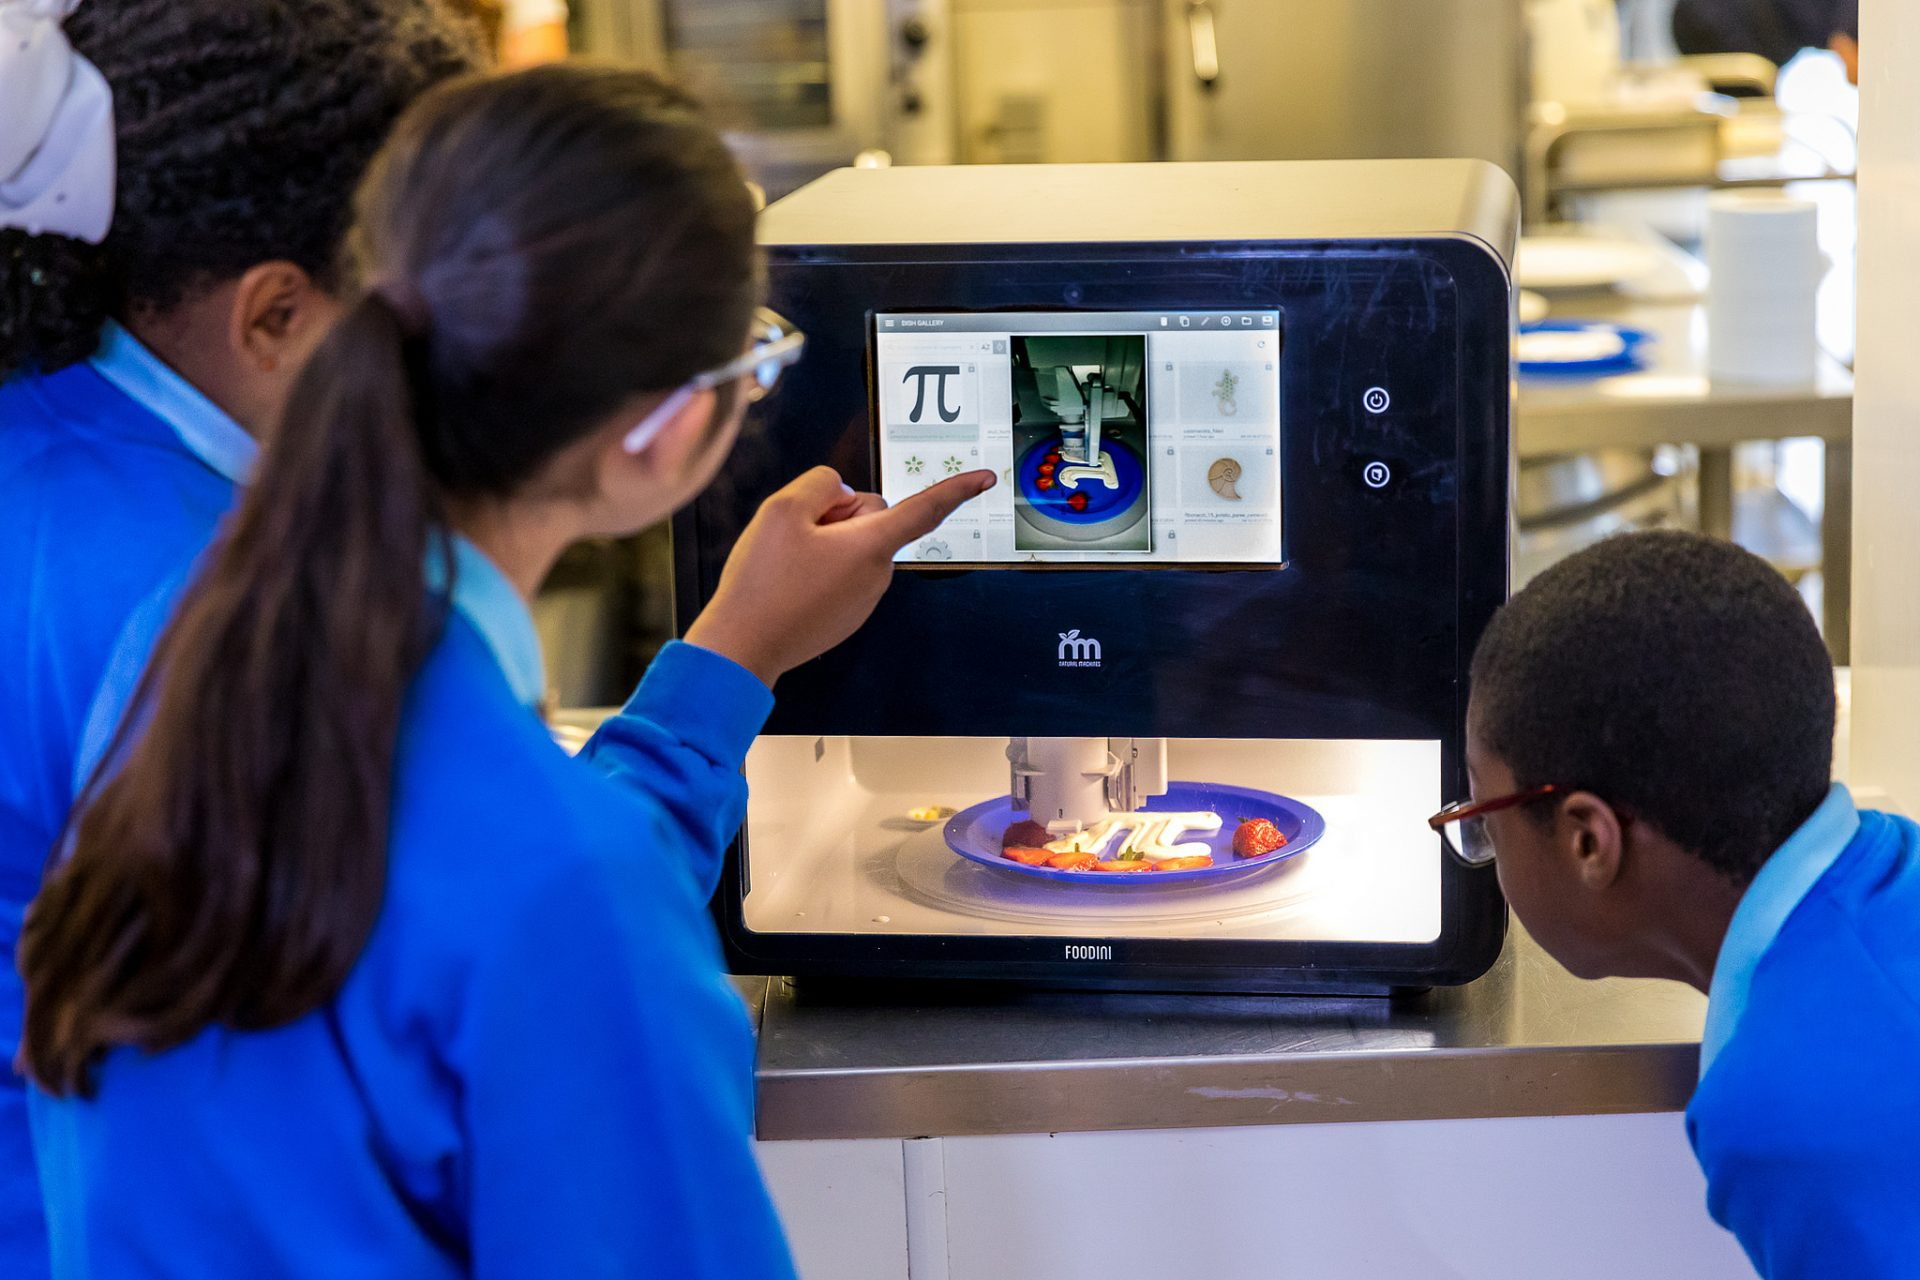 อาหารเย็นในโรงเรียนจาก 3D Printer